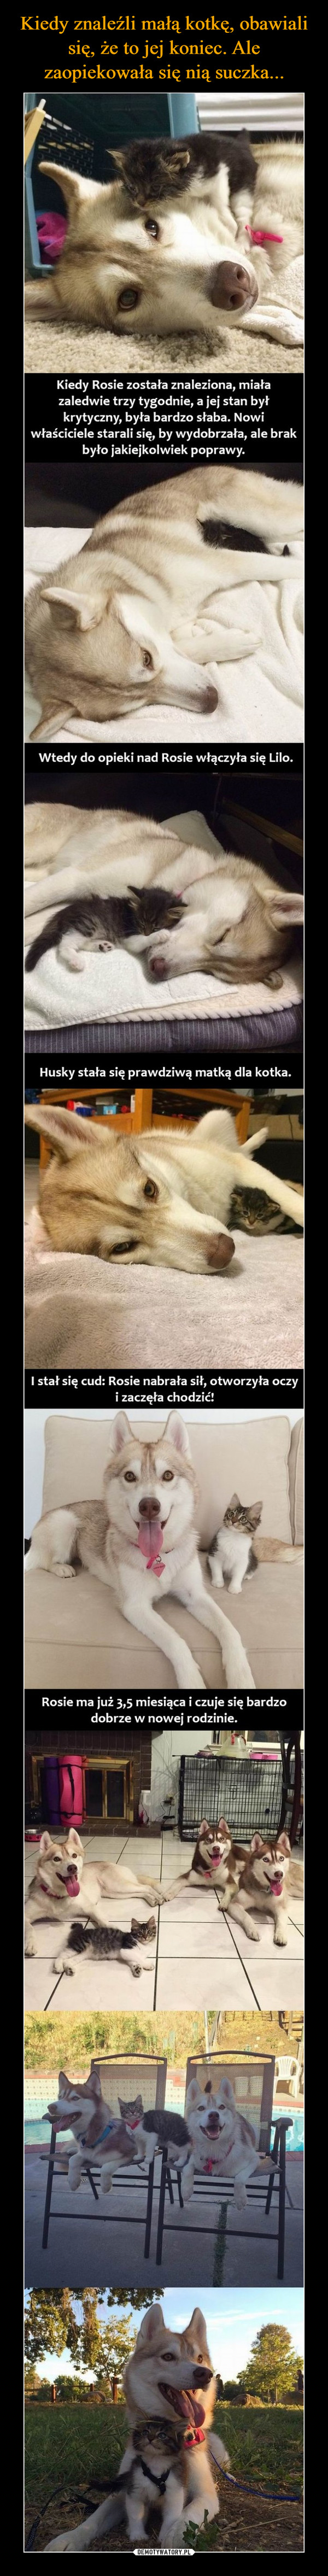 –  Kiedy Rosie została znaleziona, miałazaledwie trzy tygodnie, a jej stan byłkrytyczny, była bardzo słaba. Nowiwłaściciele starali się, by wydobrzała, ale brakbyło jakiejkolwiek poprawy.Wtedy do opieki nad Rosie włączyła się Lilo.Husky stała się prawdziwą matką dla kotka.I stał się cud: Rosie nabrała sił, otworzyła oczyi zaczęła chodzić!Rosie ma już 3,5 miesiąca i czuje się bardzodobrze w nowej rodzinie.